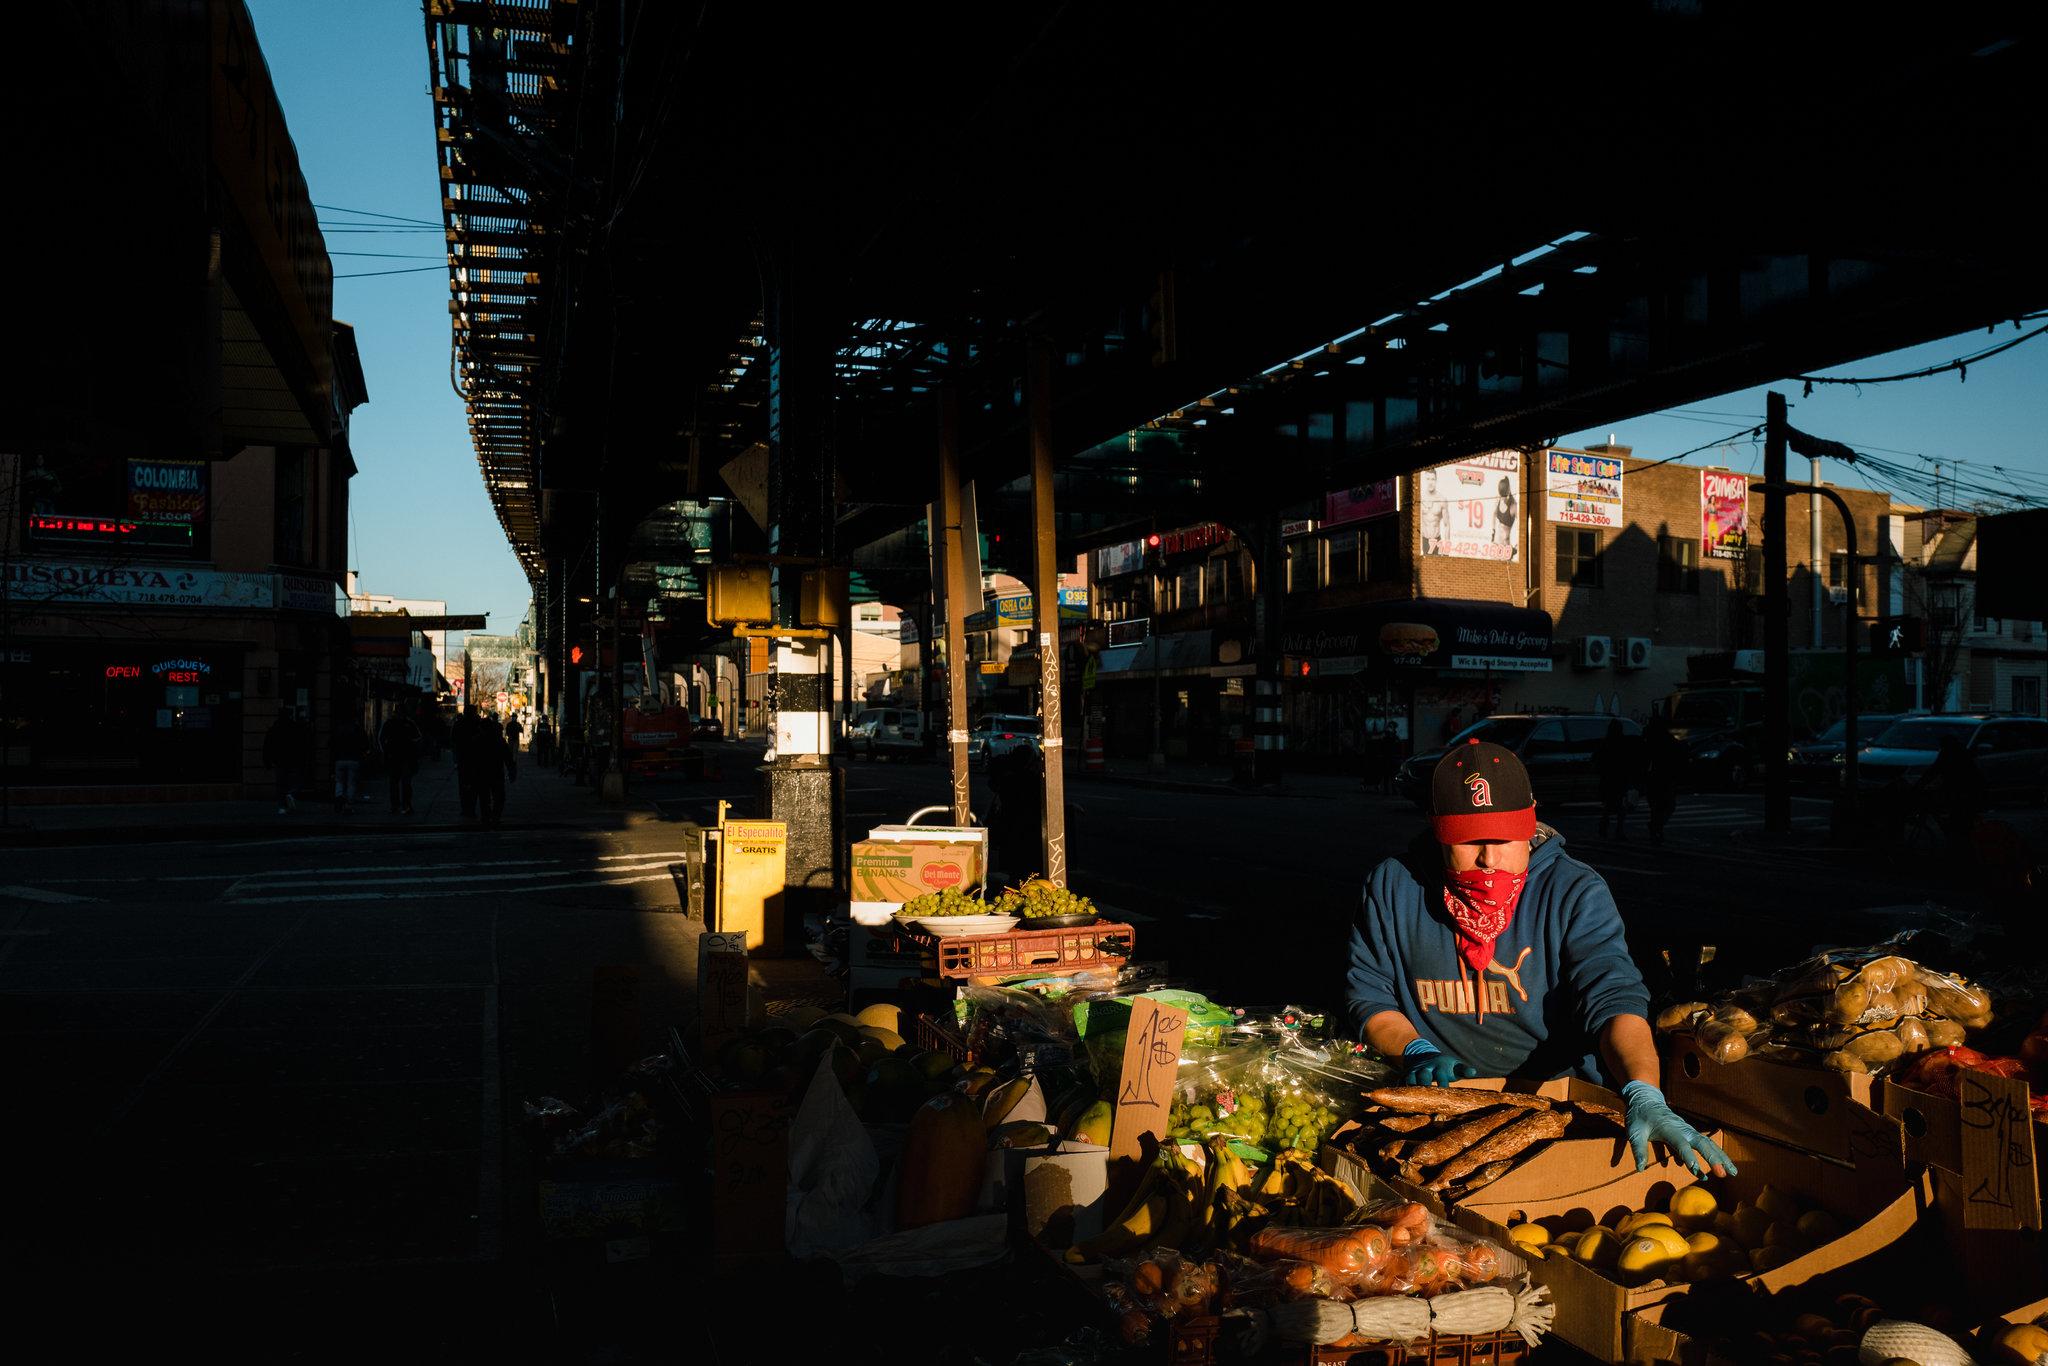 Một người bán trái cây ở Jackson Heights. Người bán hàng rong, nhân viên giao hàng, người đưa thư, người thu gom rác, thu ngân ở quầy thực phẩm - số ít những người vẫn phải tiếp tục đi làm được coi là nhịp đập hiếm hoi của cuộc sống bình thường còn xuất hiện trong thành phố.